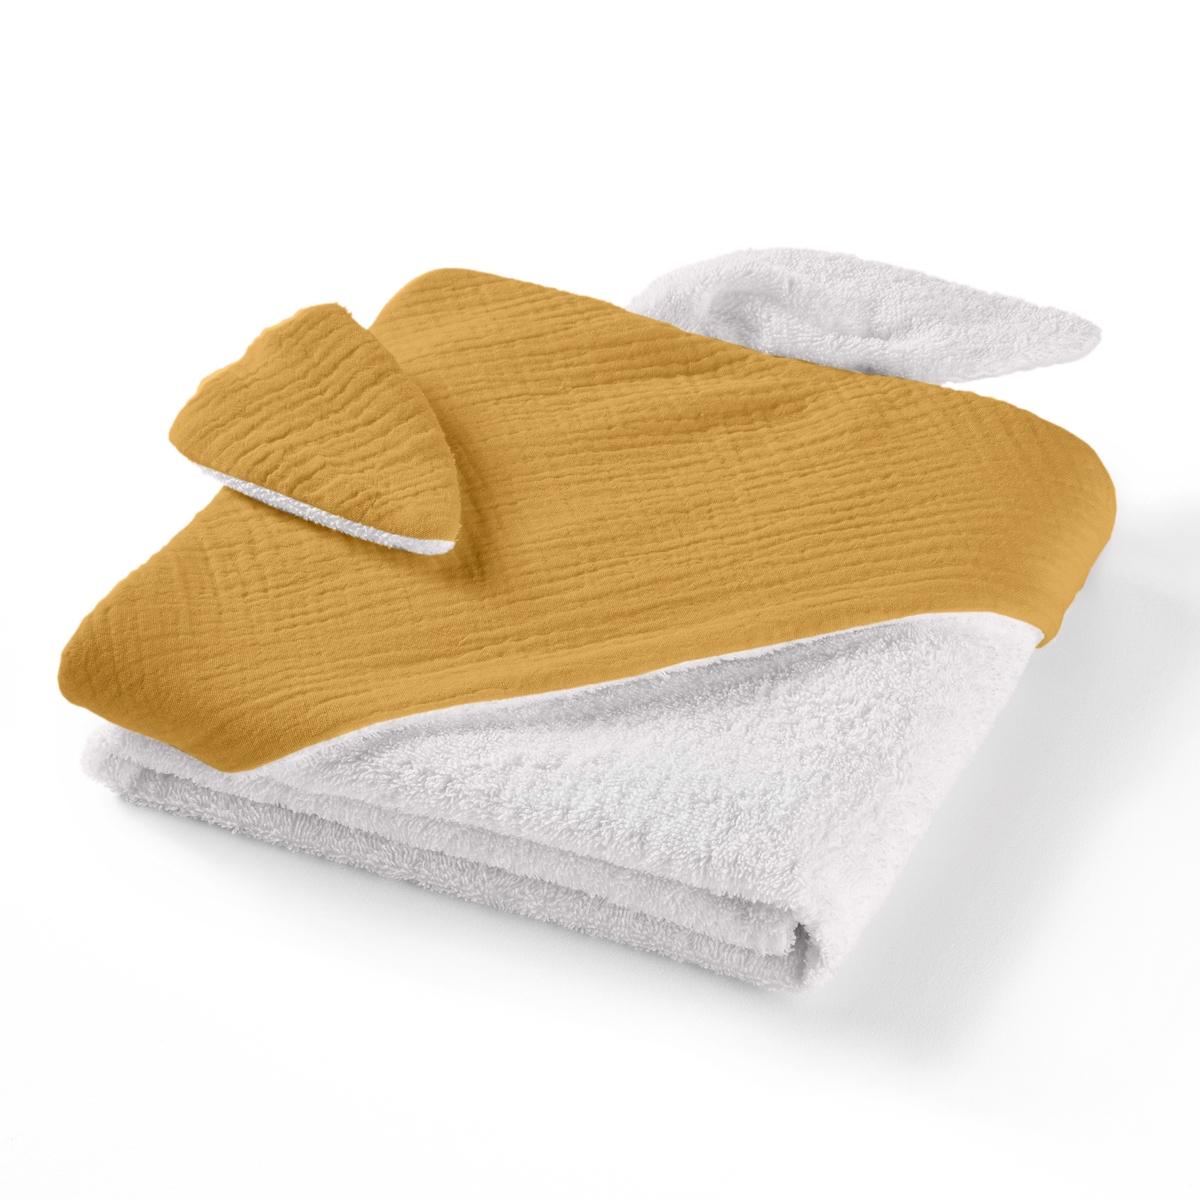 Накидка La Redoute Для ванной из хлопчатобумажной газовой ткани для новорожденного Kumla 100 x 100 см желтый хлопок эпохи purcotton детей клип хлопчатобумажной ткани является хорошим другом 120x150cm мешок